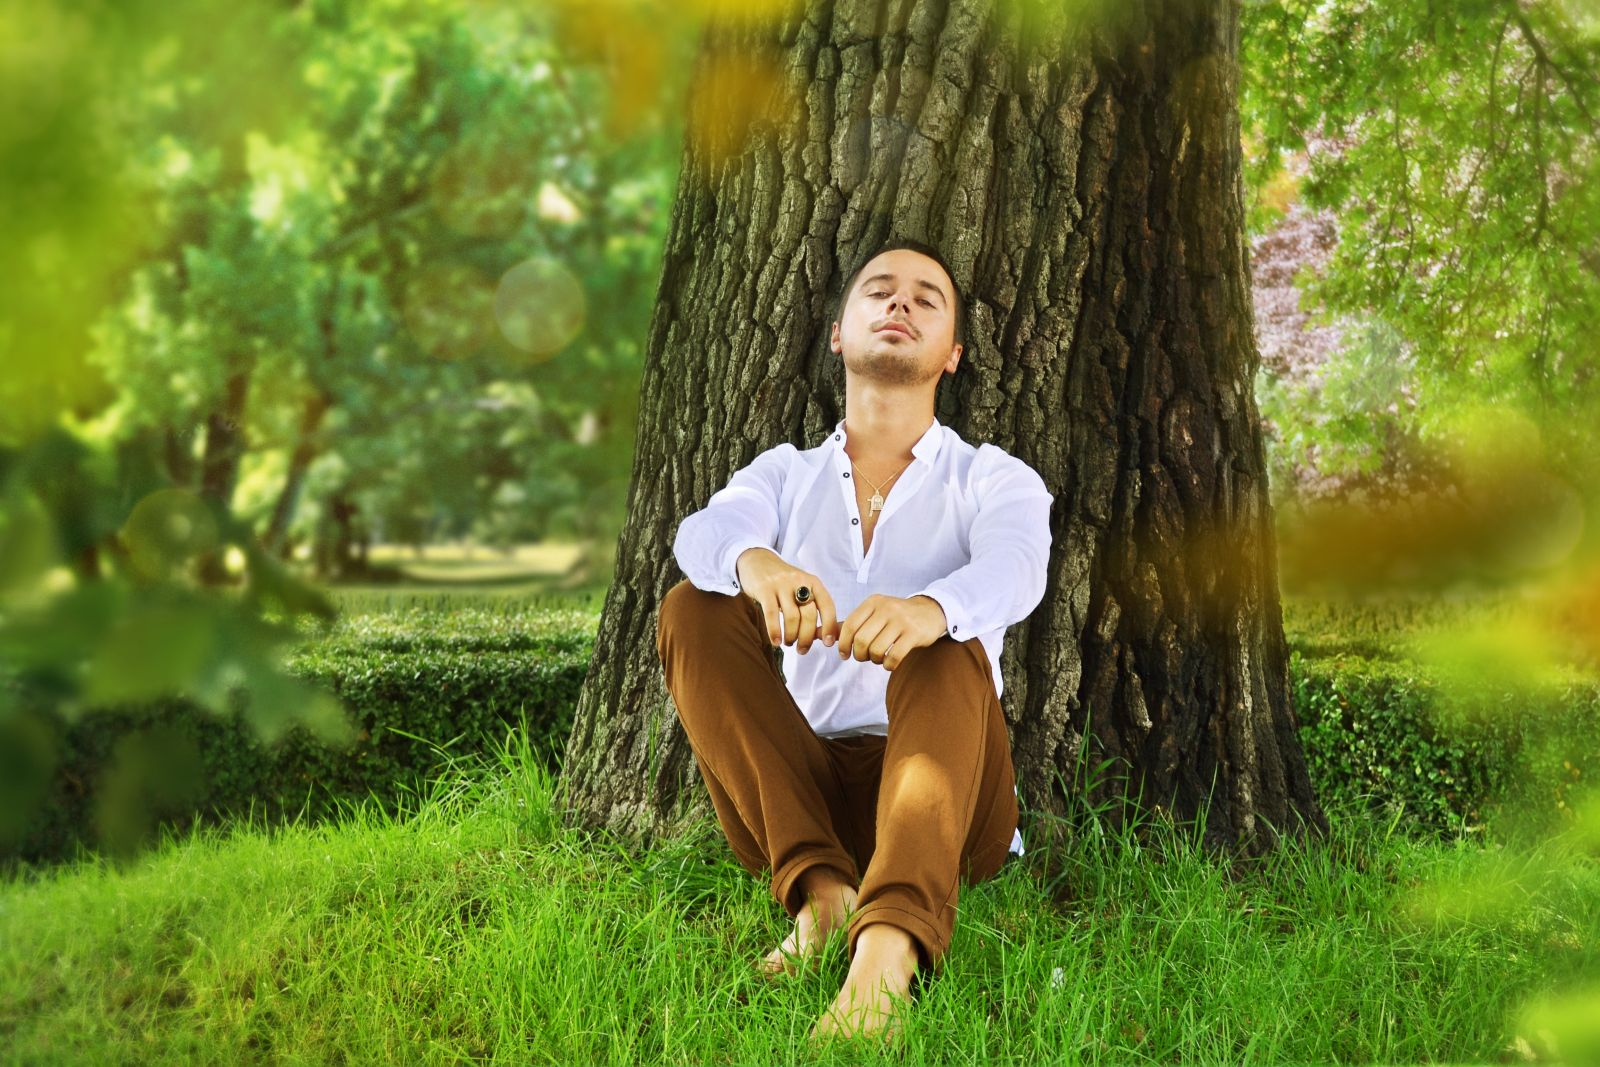 Как исцелиться от любовного приворота самостоятельно: советы экстрасенса - фото №5